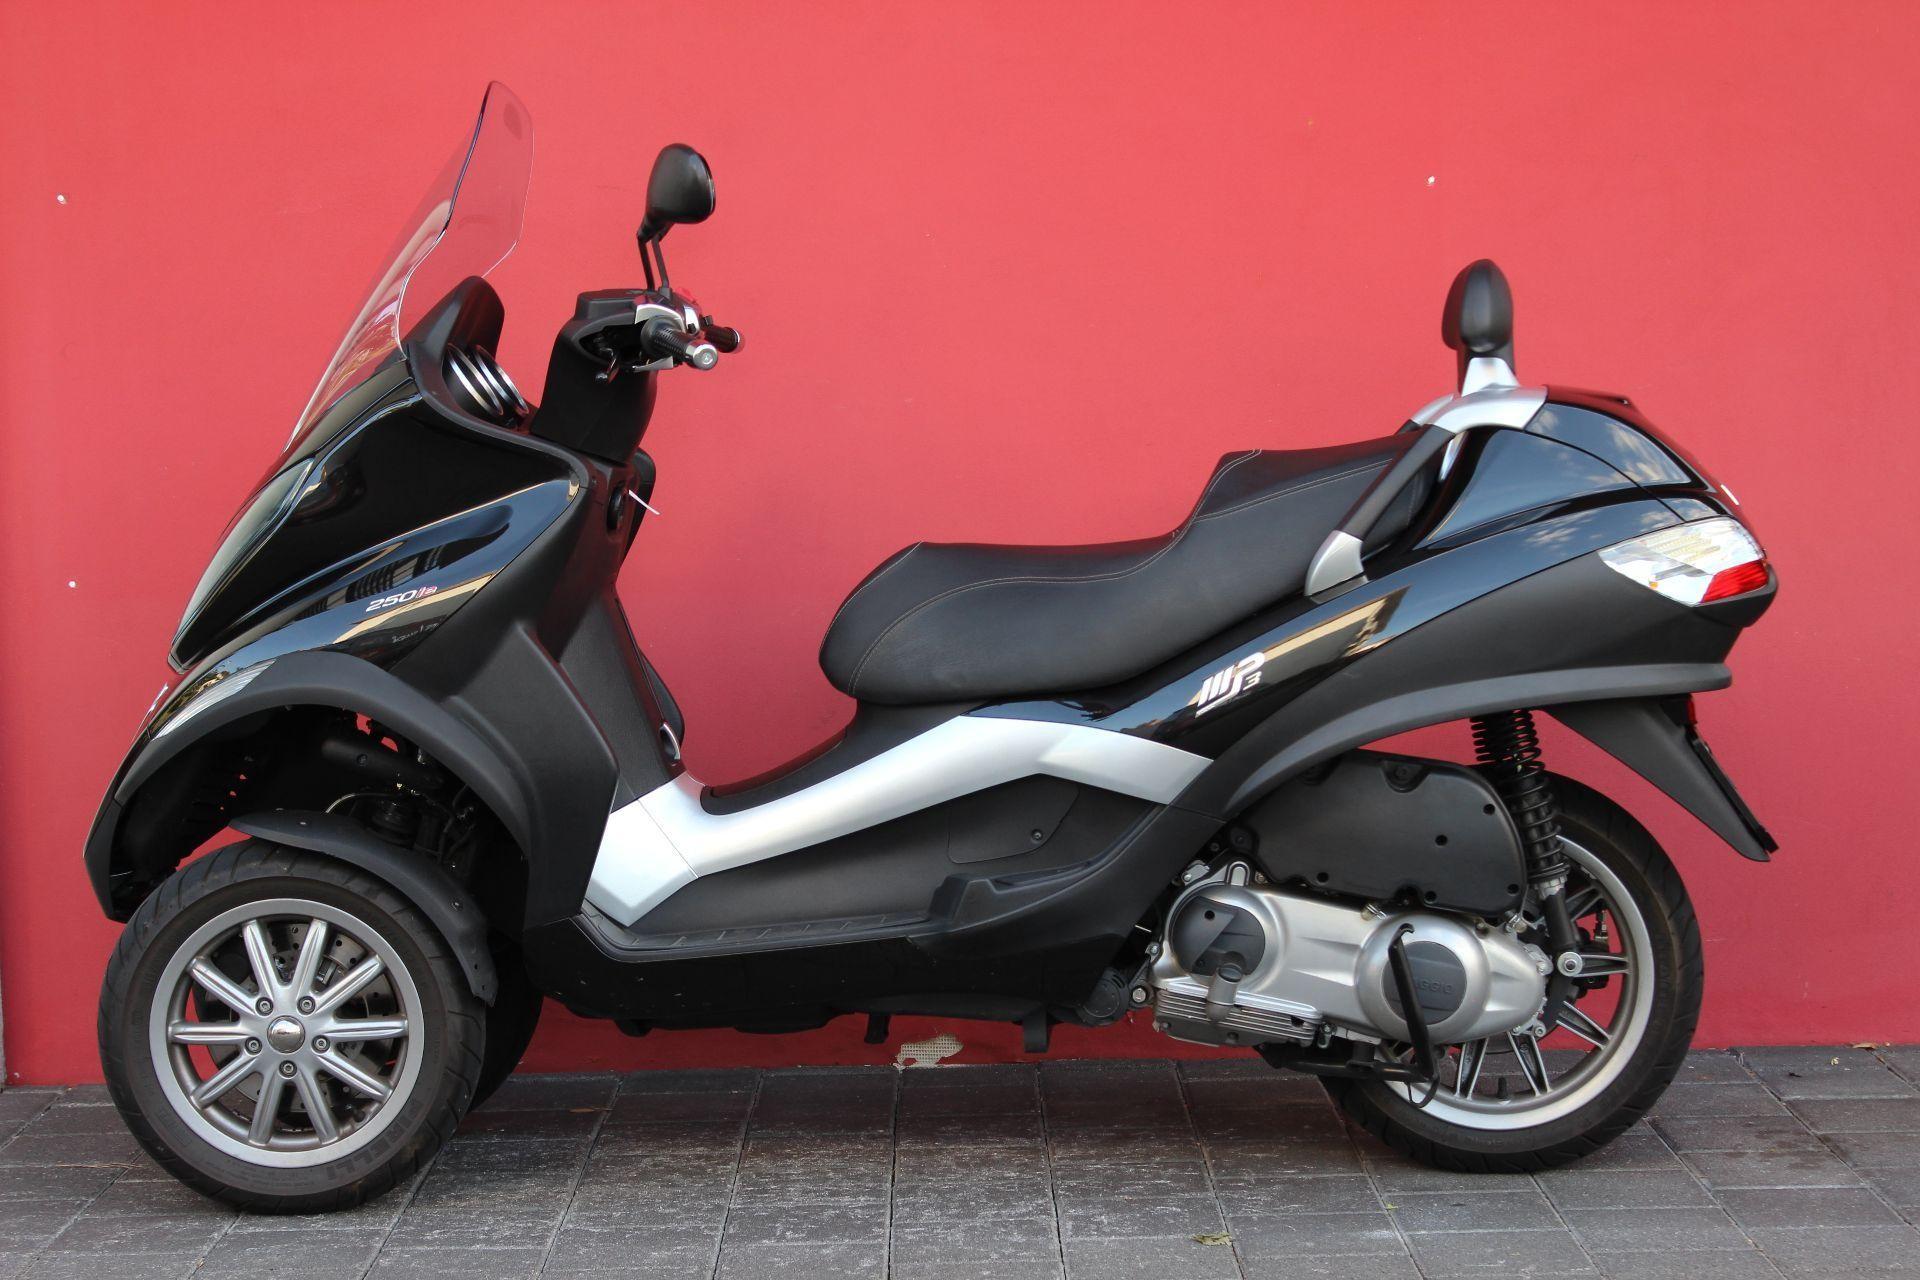 motorrad occasion kaufen piaggio mp3 250 i e 3 rad hans leupi gmbh meggen. Black Bedroom Furniture Sets. Home Design Ideas